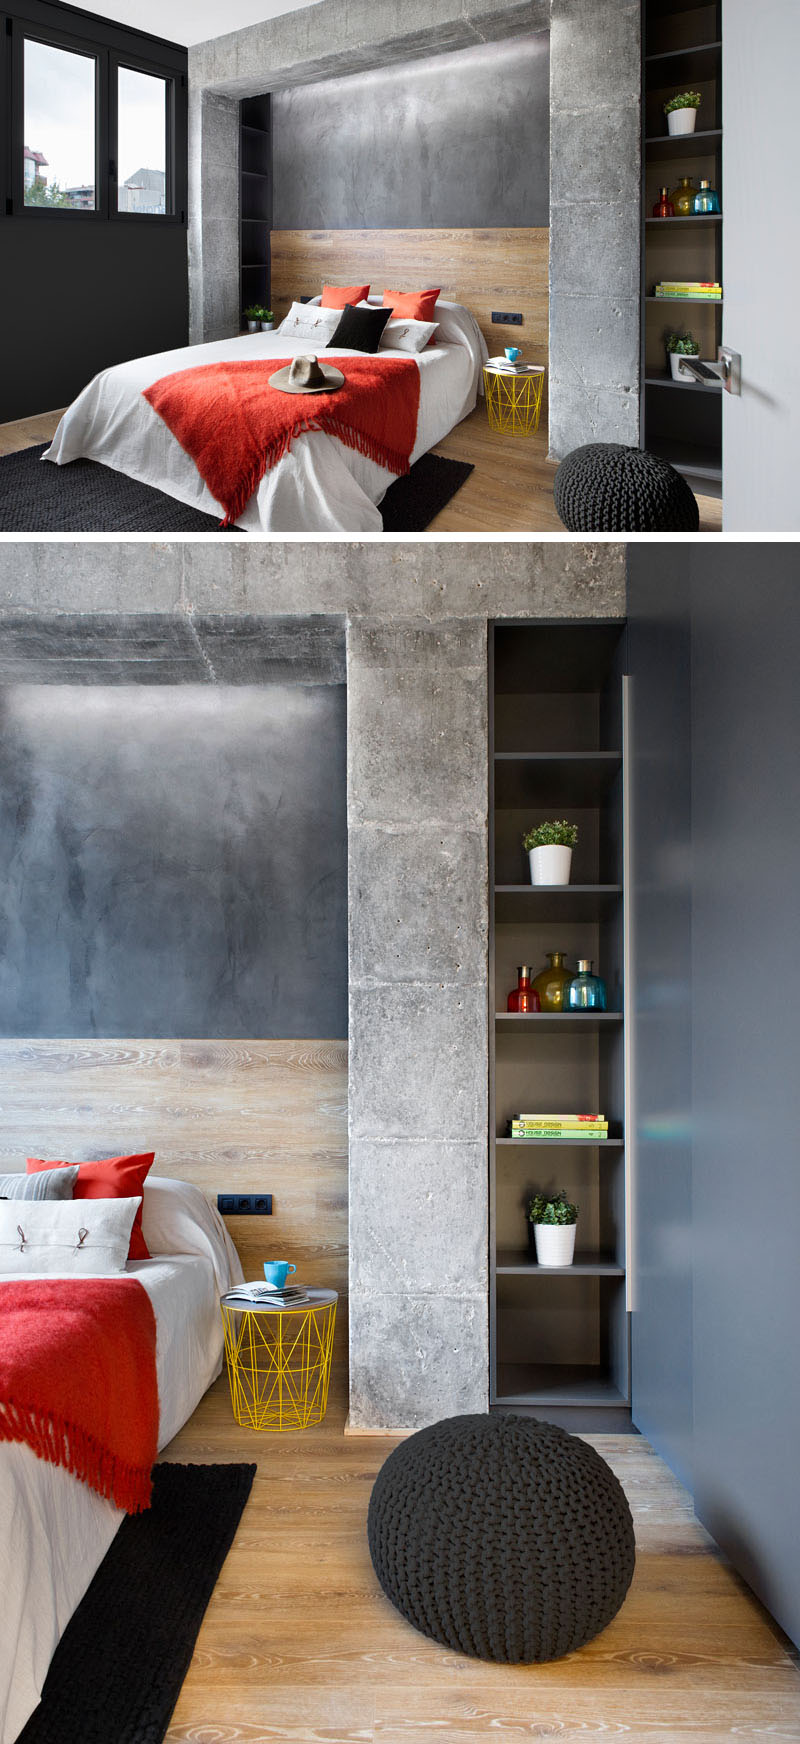 modern-bedroom-built-in-shelving-210717-111-06.jpg